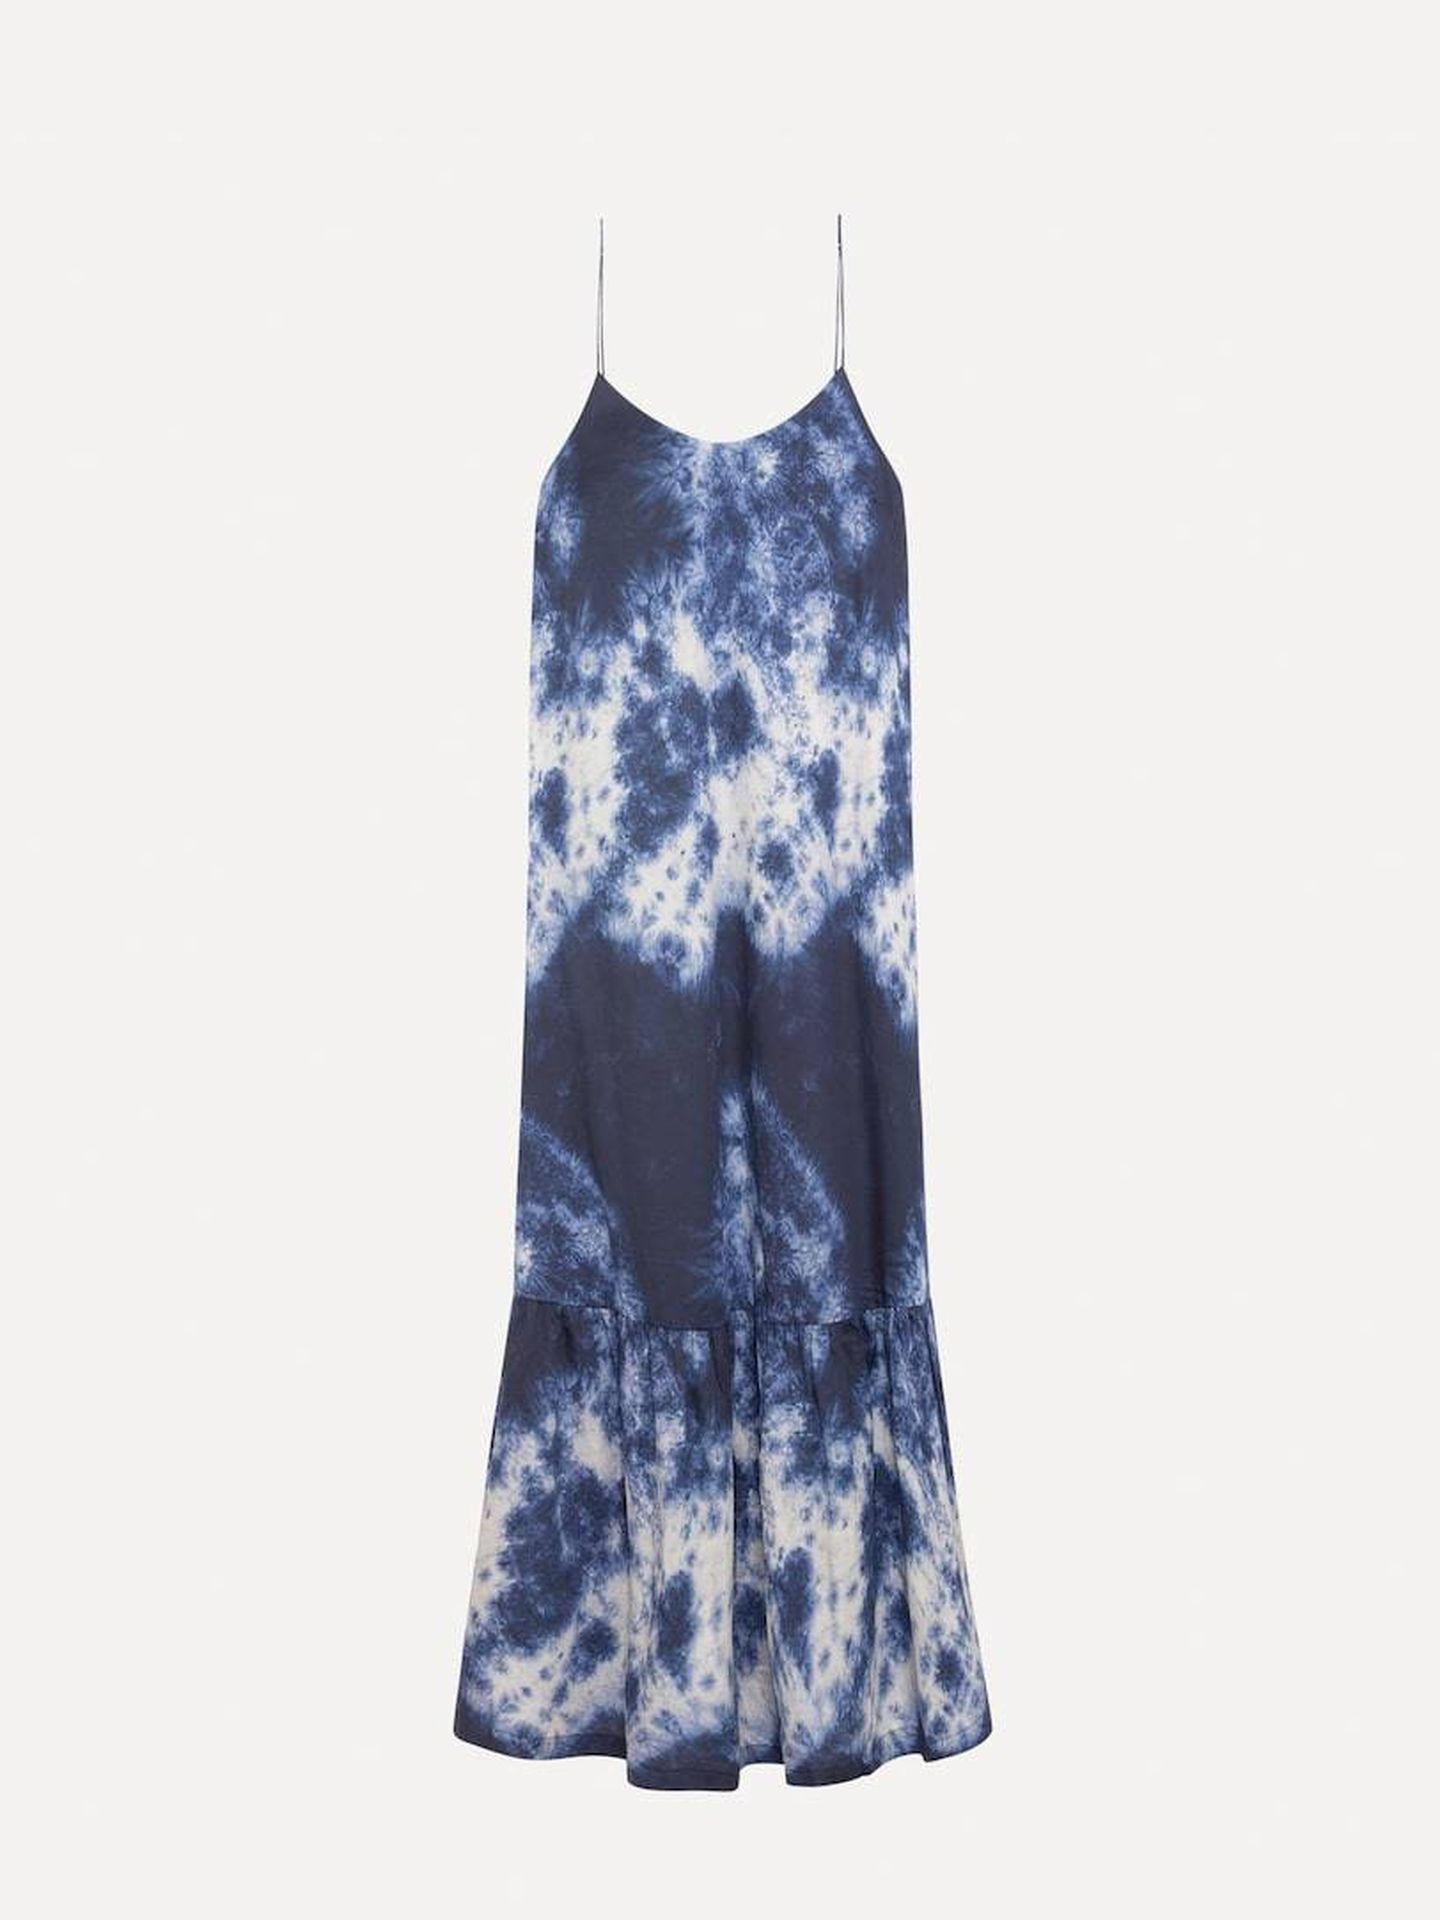 El vestido de Oysho. (Cortesía)